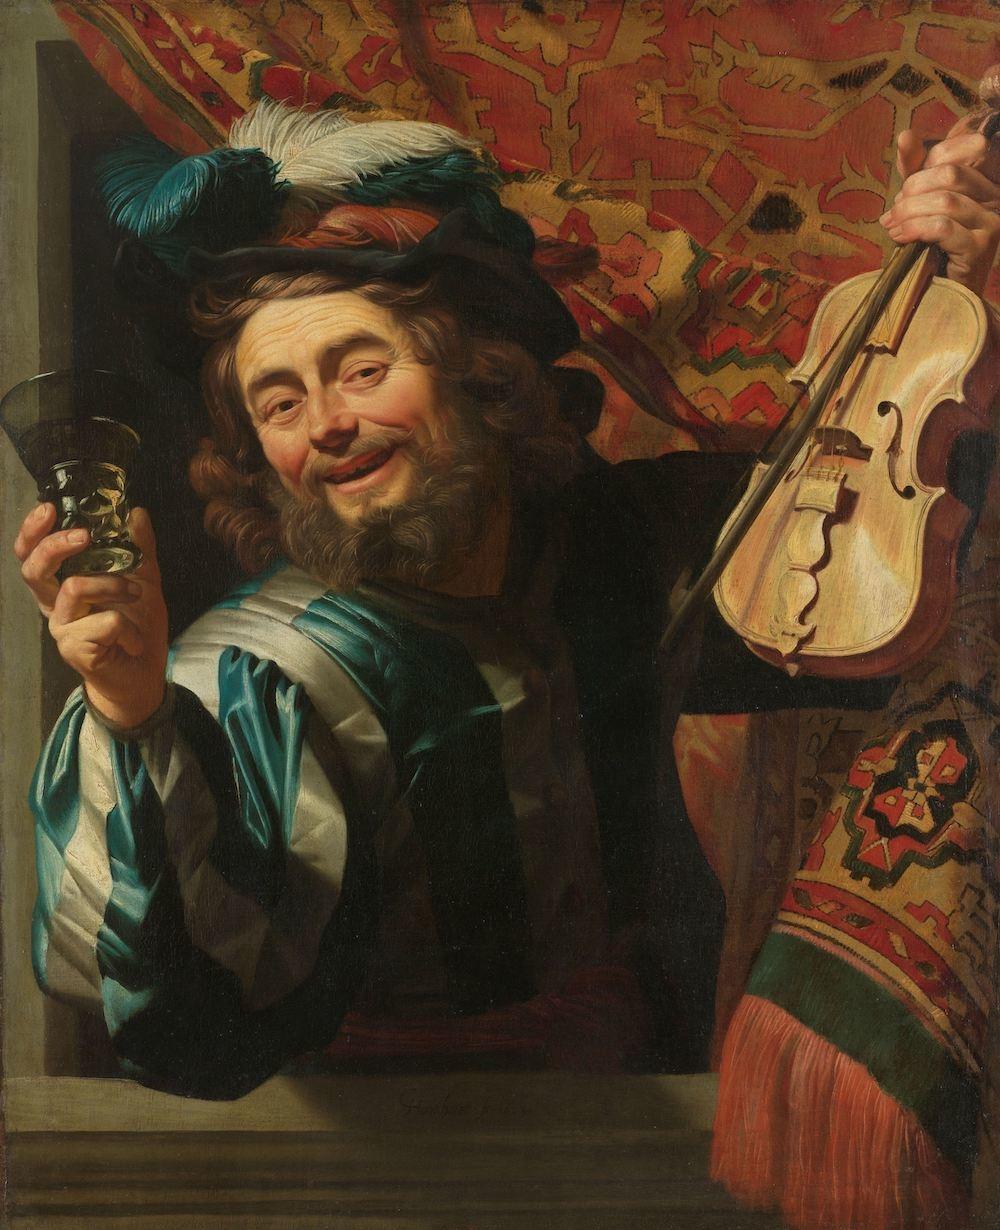 Gerard van Honthorst - Een vrolijke vioolspeler 60x90cm, Rijksmuseum, oude meester, print op canvas,